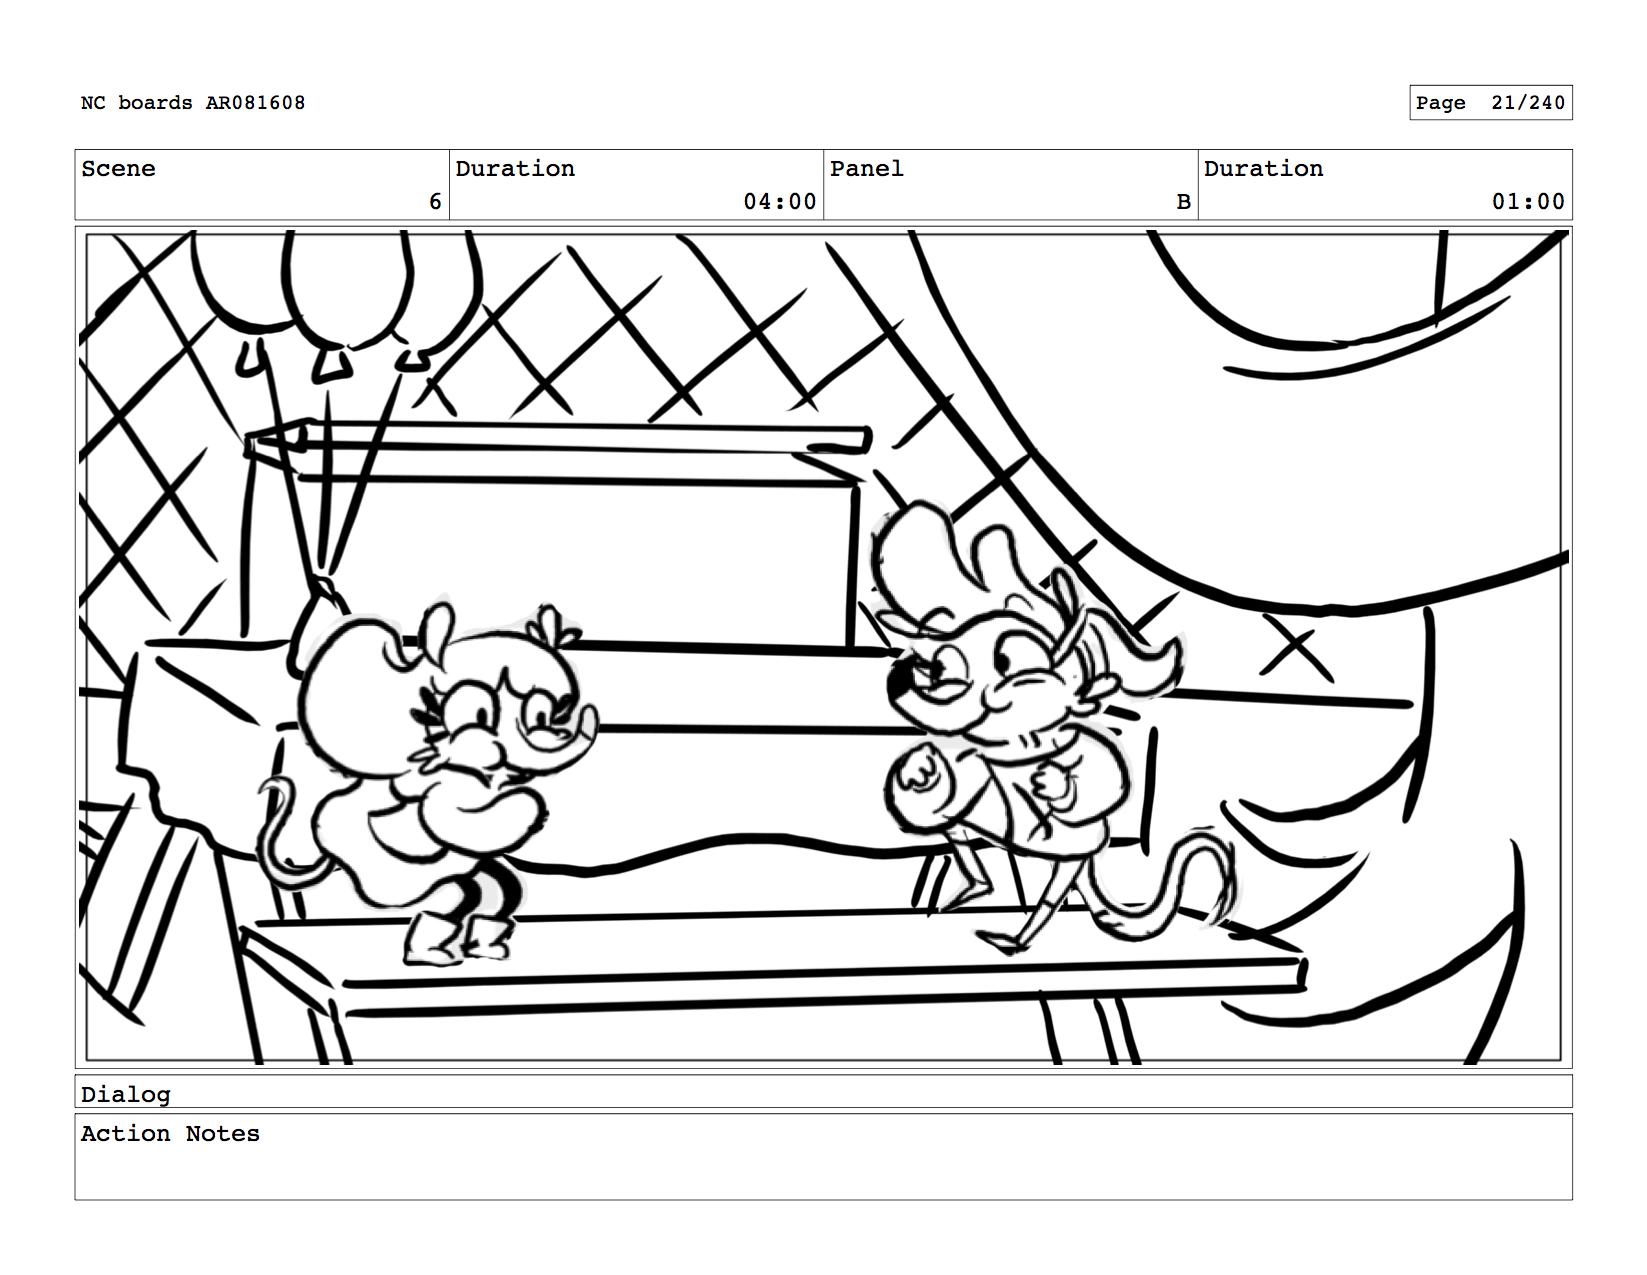 NCW_Storyboard_090814_ALETH (dragged) 20.jpeg